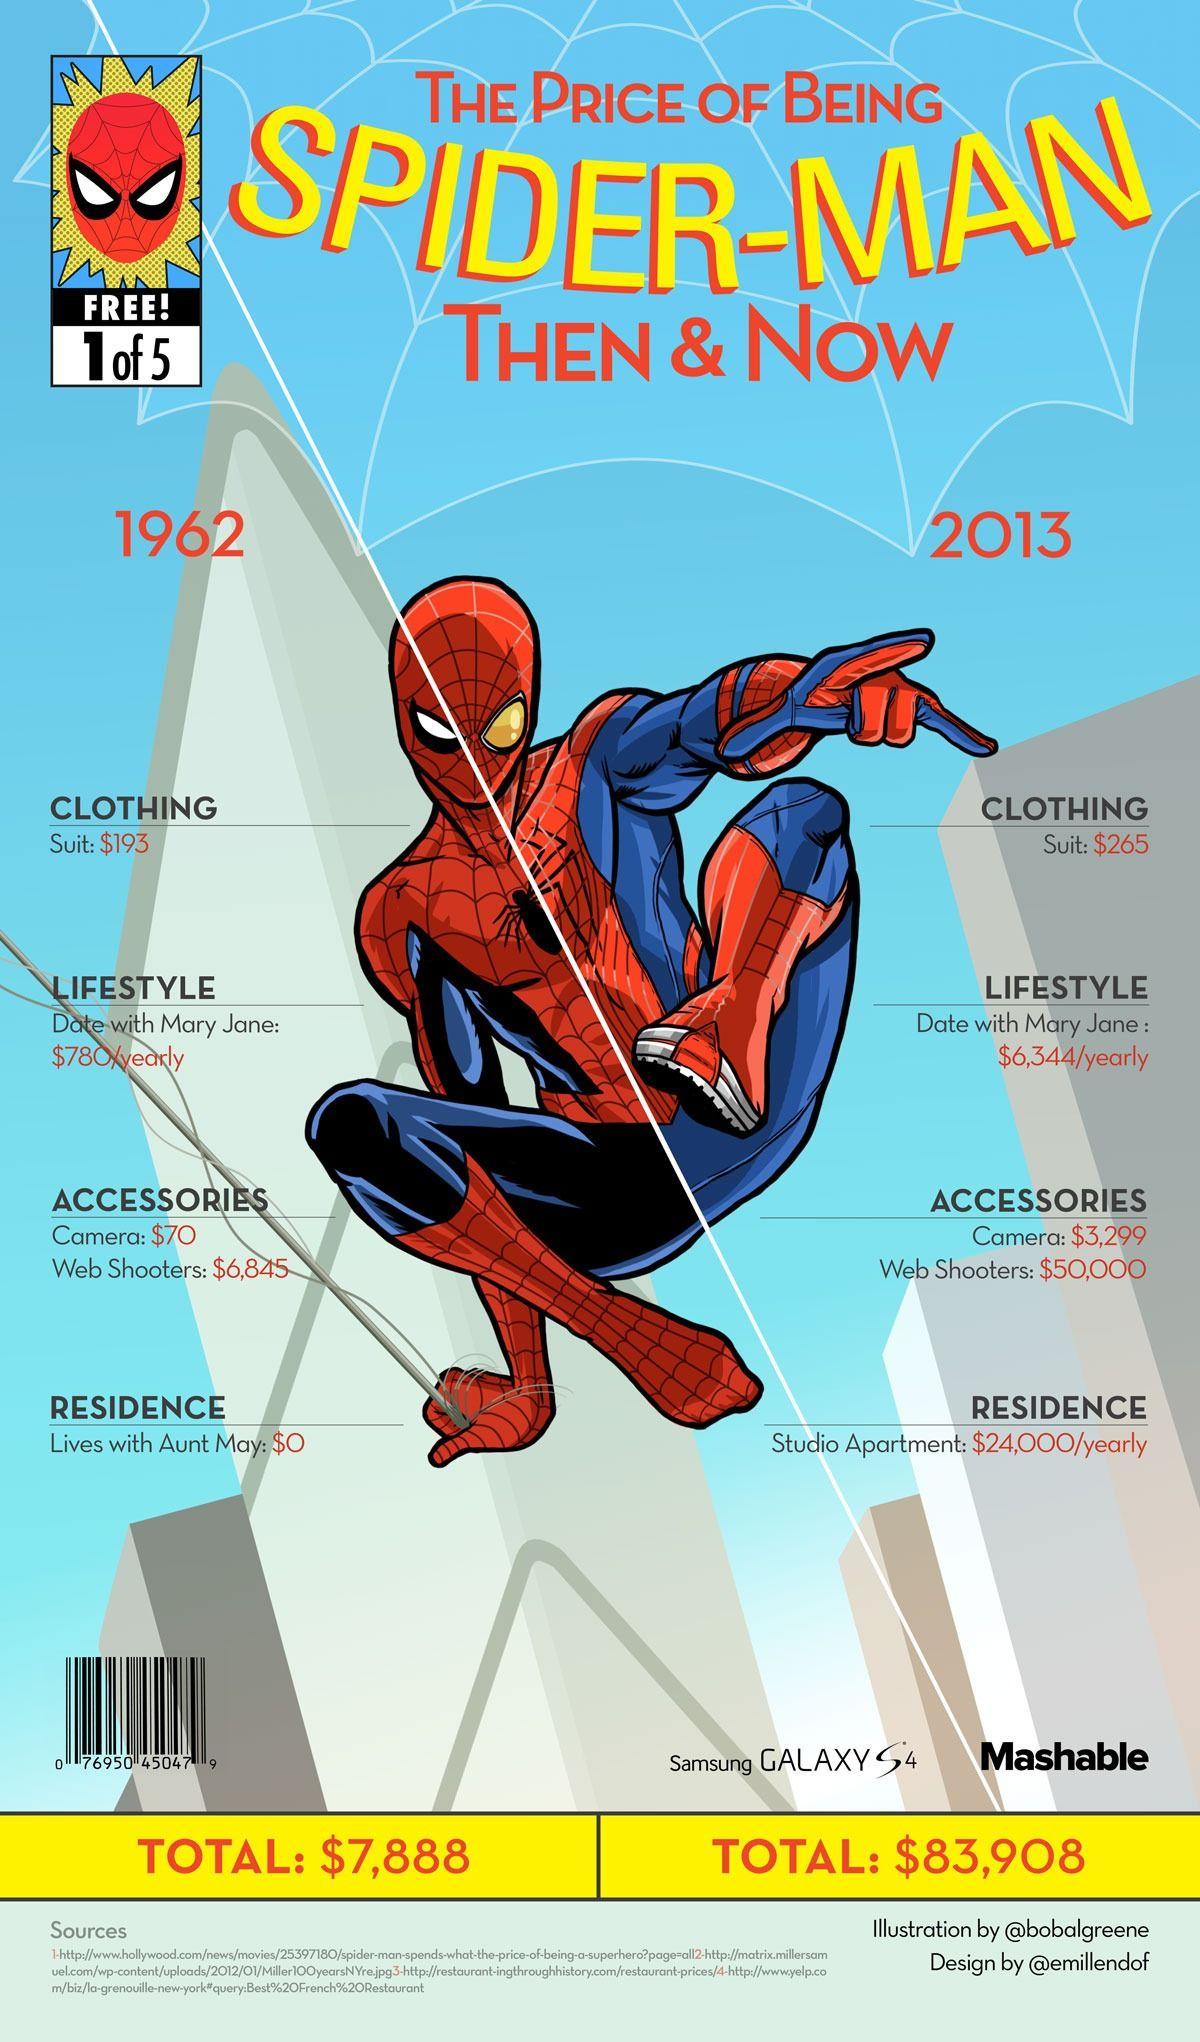 Blog post om, hvor meget det koster at være Spiderman nu om dage. Det er lige omkring en halv million for det hele - få alle detaljerne her: http://blog.mrspil.dk/sa-dyrt-er-det-at-vaere-spiderman/  #spiderman #marvel